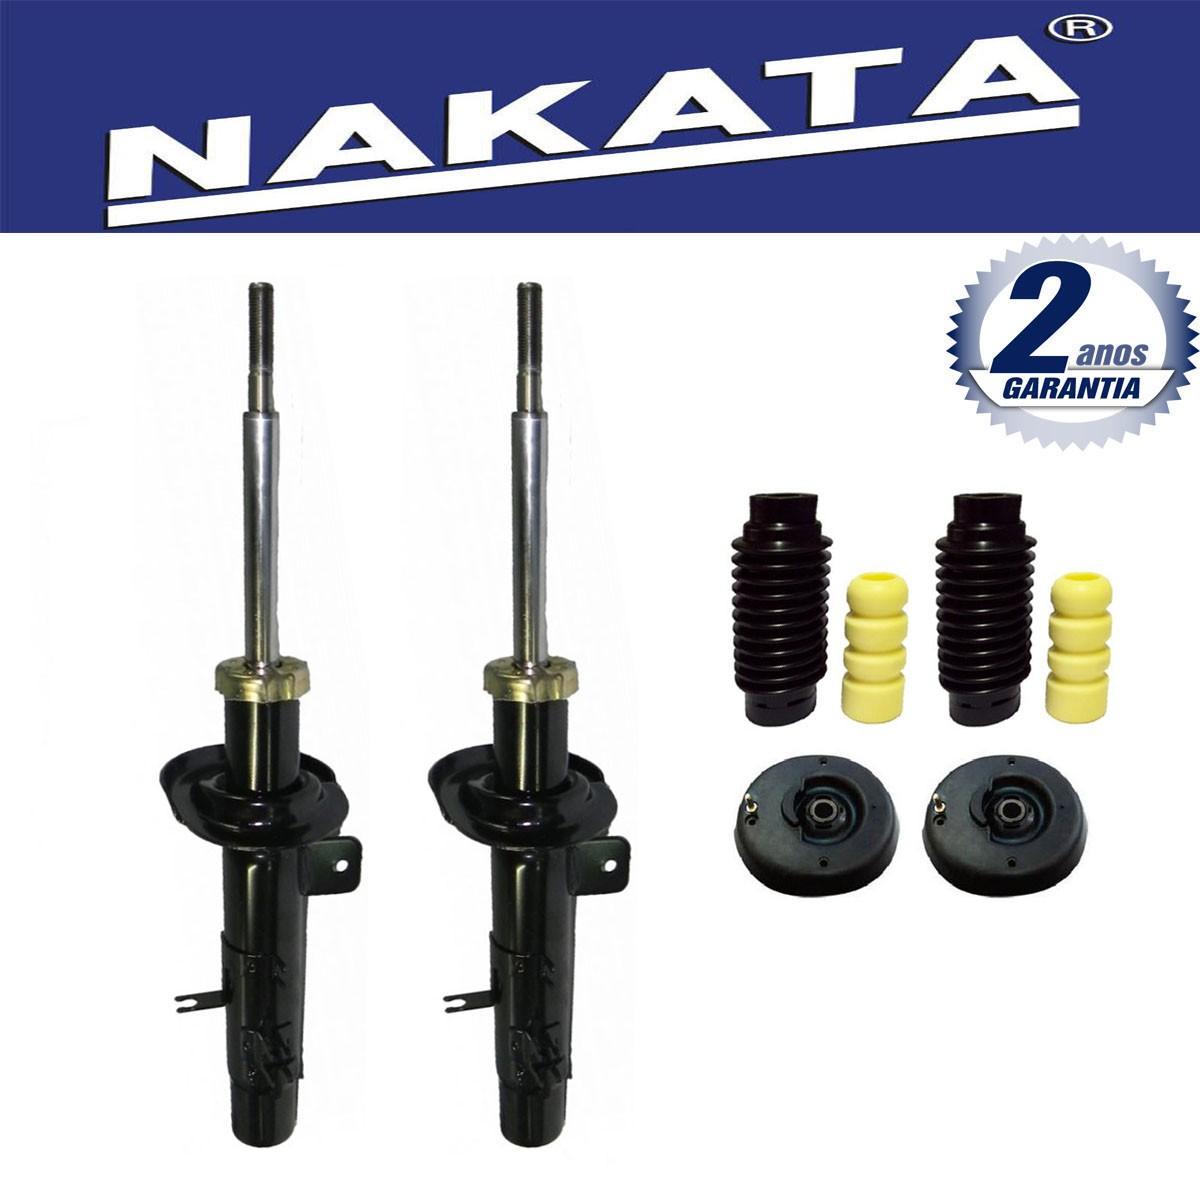 Par de Amortecedores Dianteiro Nakata Citroen C3 2003 Até 2012 + Kit da Suspensão